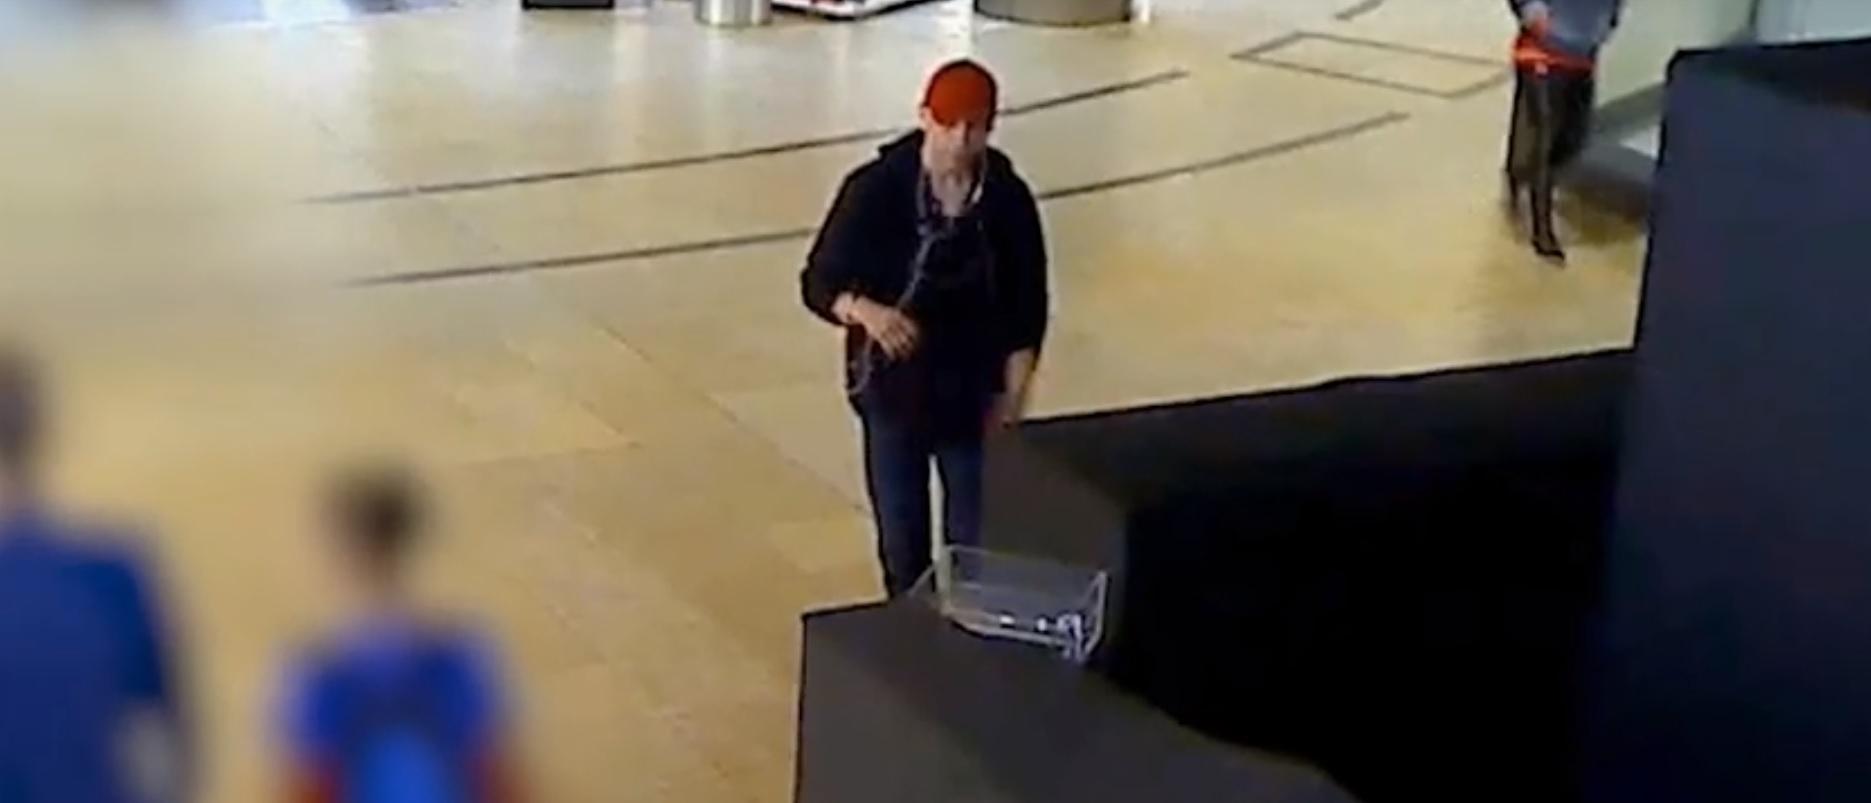 Zenehallgatás közben lopott egy kis kávét és sütit az Árkádban